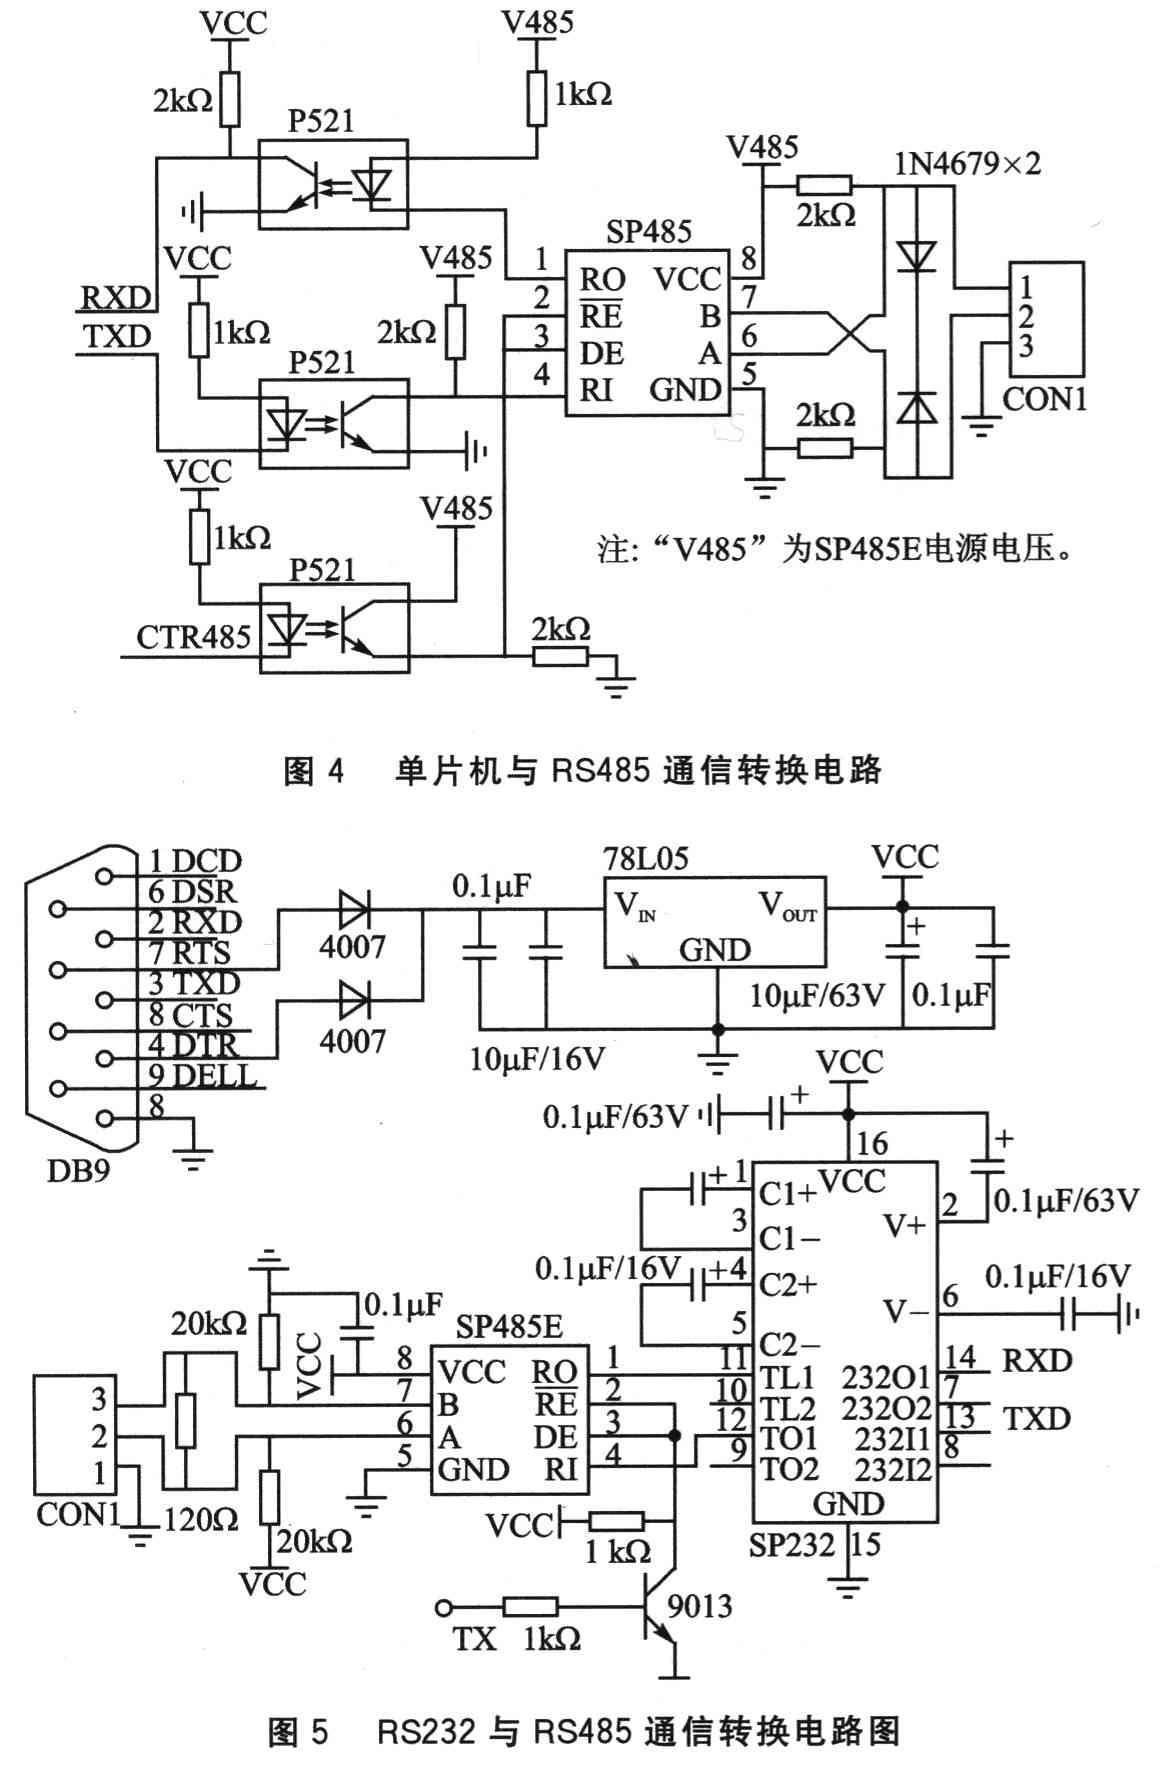 2.3 单片机控制AD9852电路   如图2所示,单片机P1.O~P1.7,通过复用与AD9852数据、地址引脚相连,P2.3~P2.7与AD9852五个较重要的控制引脚相连接。单片机主要是通过向DDS输出幅度字、频率字来控制AD9852产生的正弦波的频率和幅度。